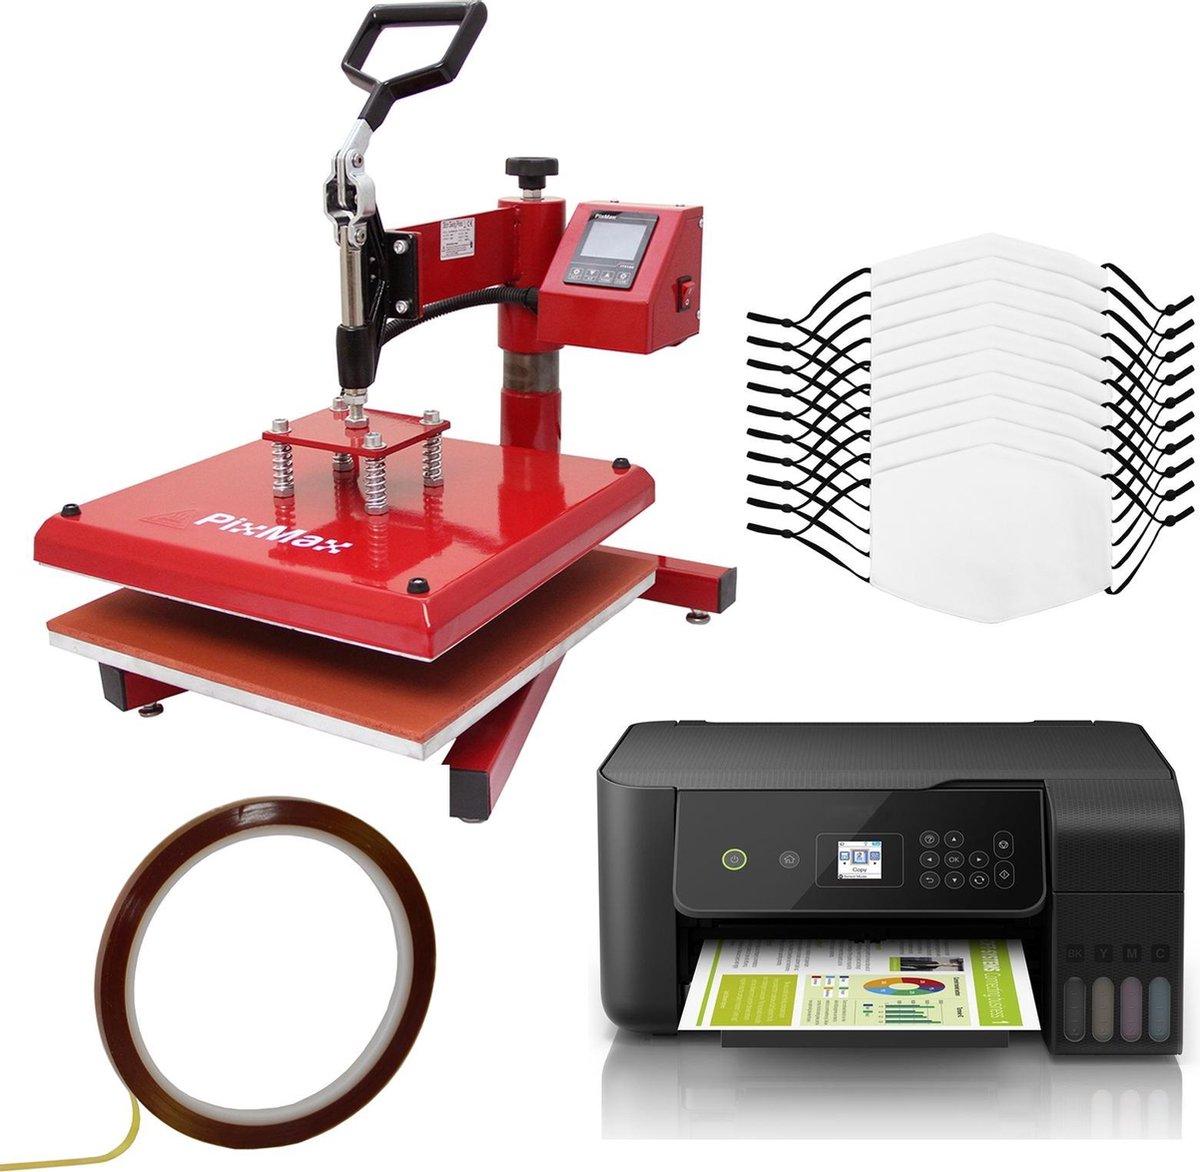 Bundel: 10 x sublimatie mondkapjes medium - 38 x 38 cm swing hittepers transferpers - eco tank printer - sublimatie bedrukken eigen ontwerp - pm2.5 filter vijf lagen - wasbaar hergebruiken hand wassen